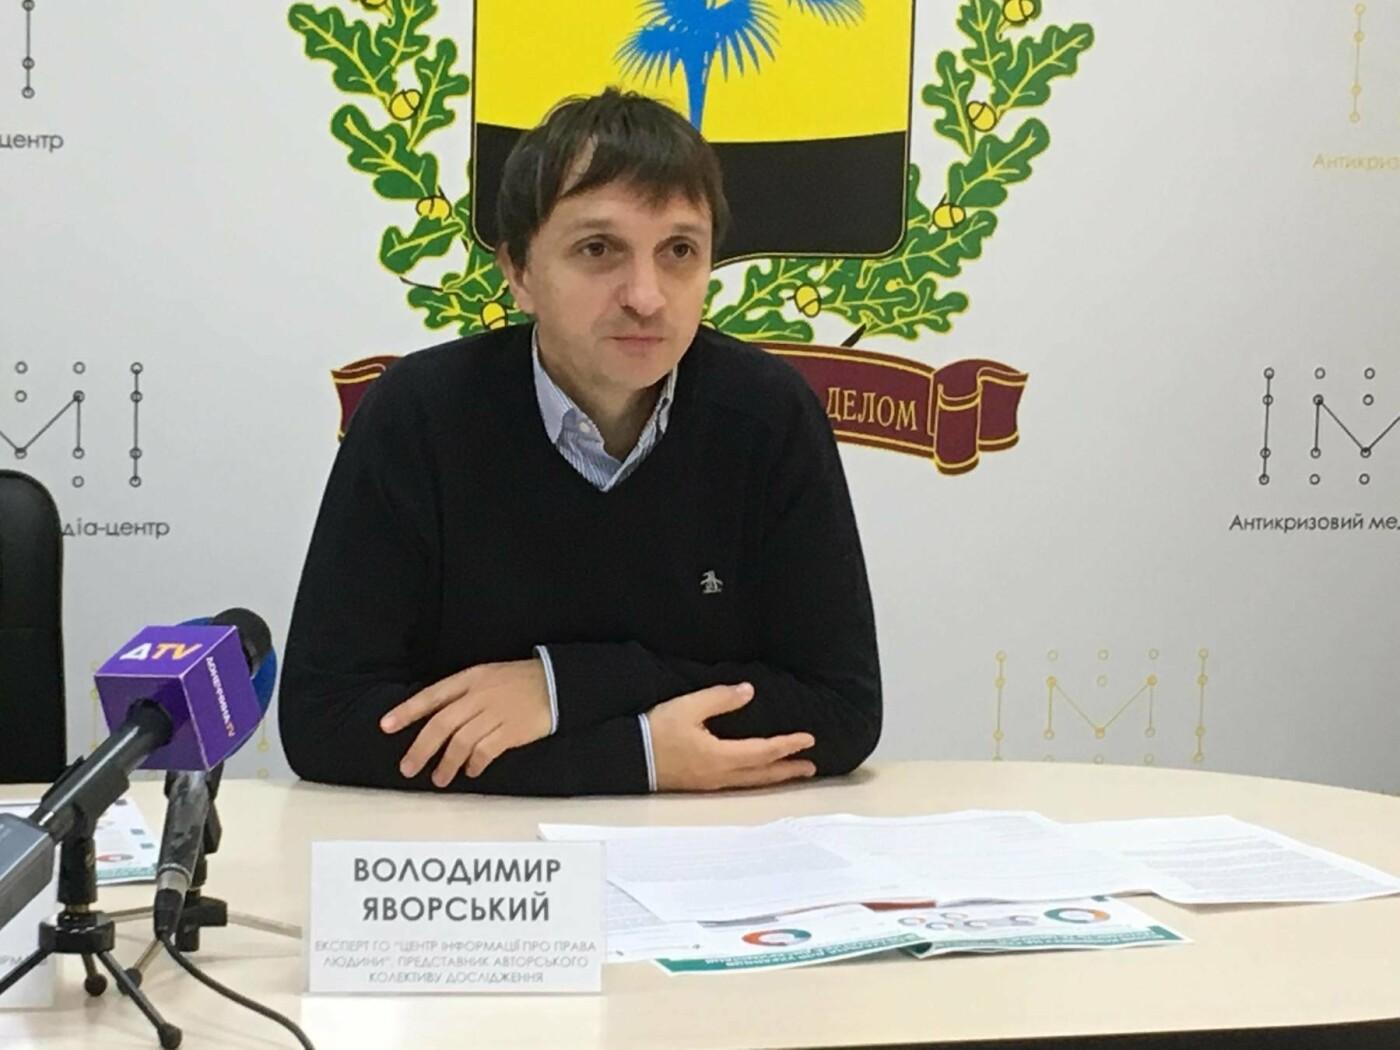 Мешканці Донбасу песимістично оцінюють зміни у ситуації з правами людини, які відбулися з часів Євромайдану, фото-4